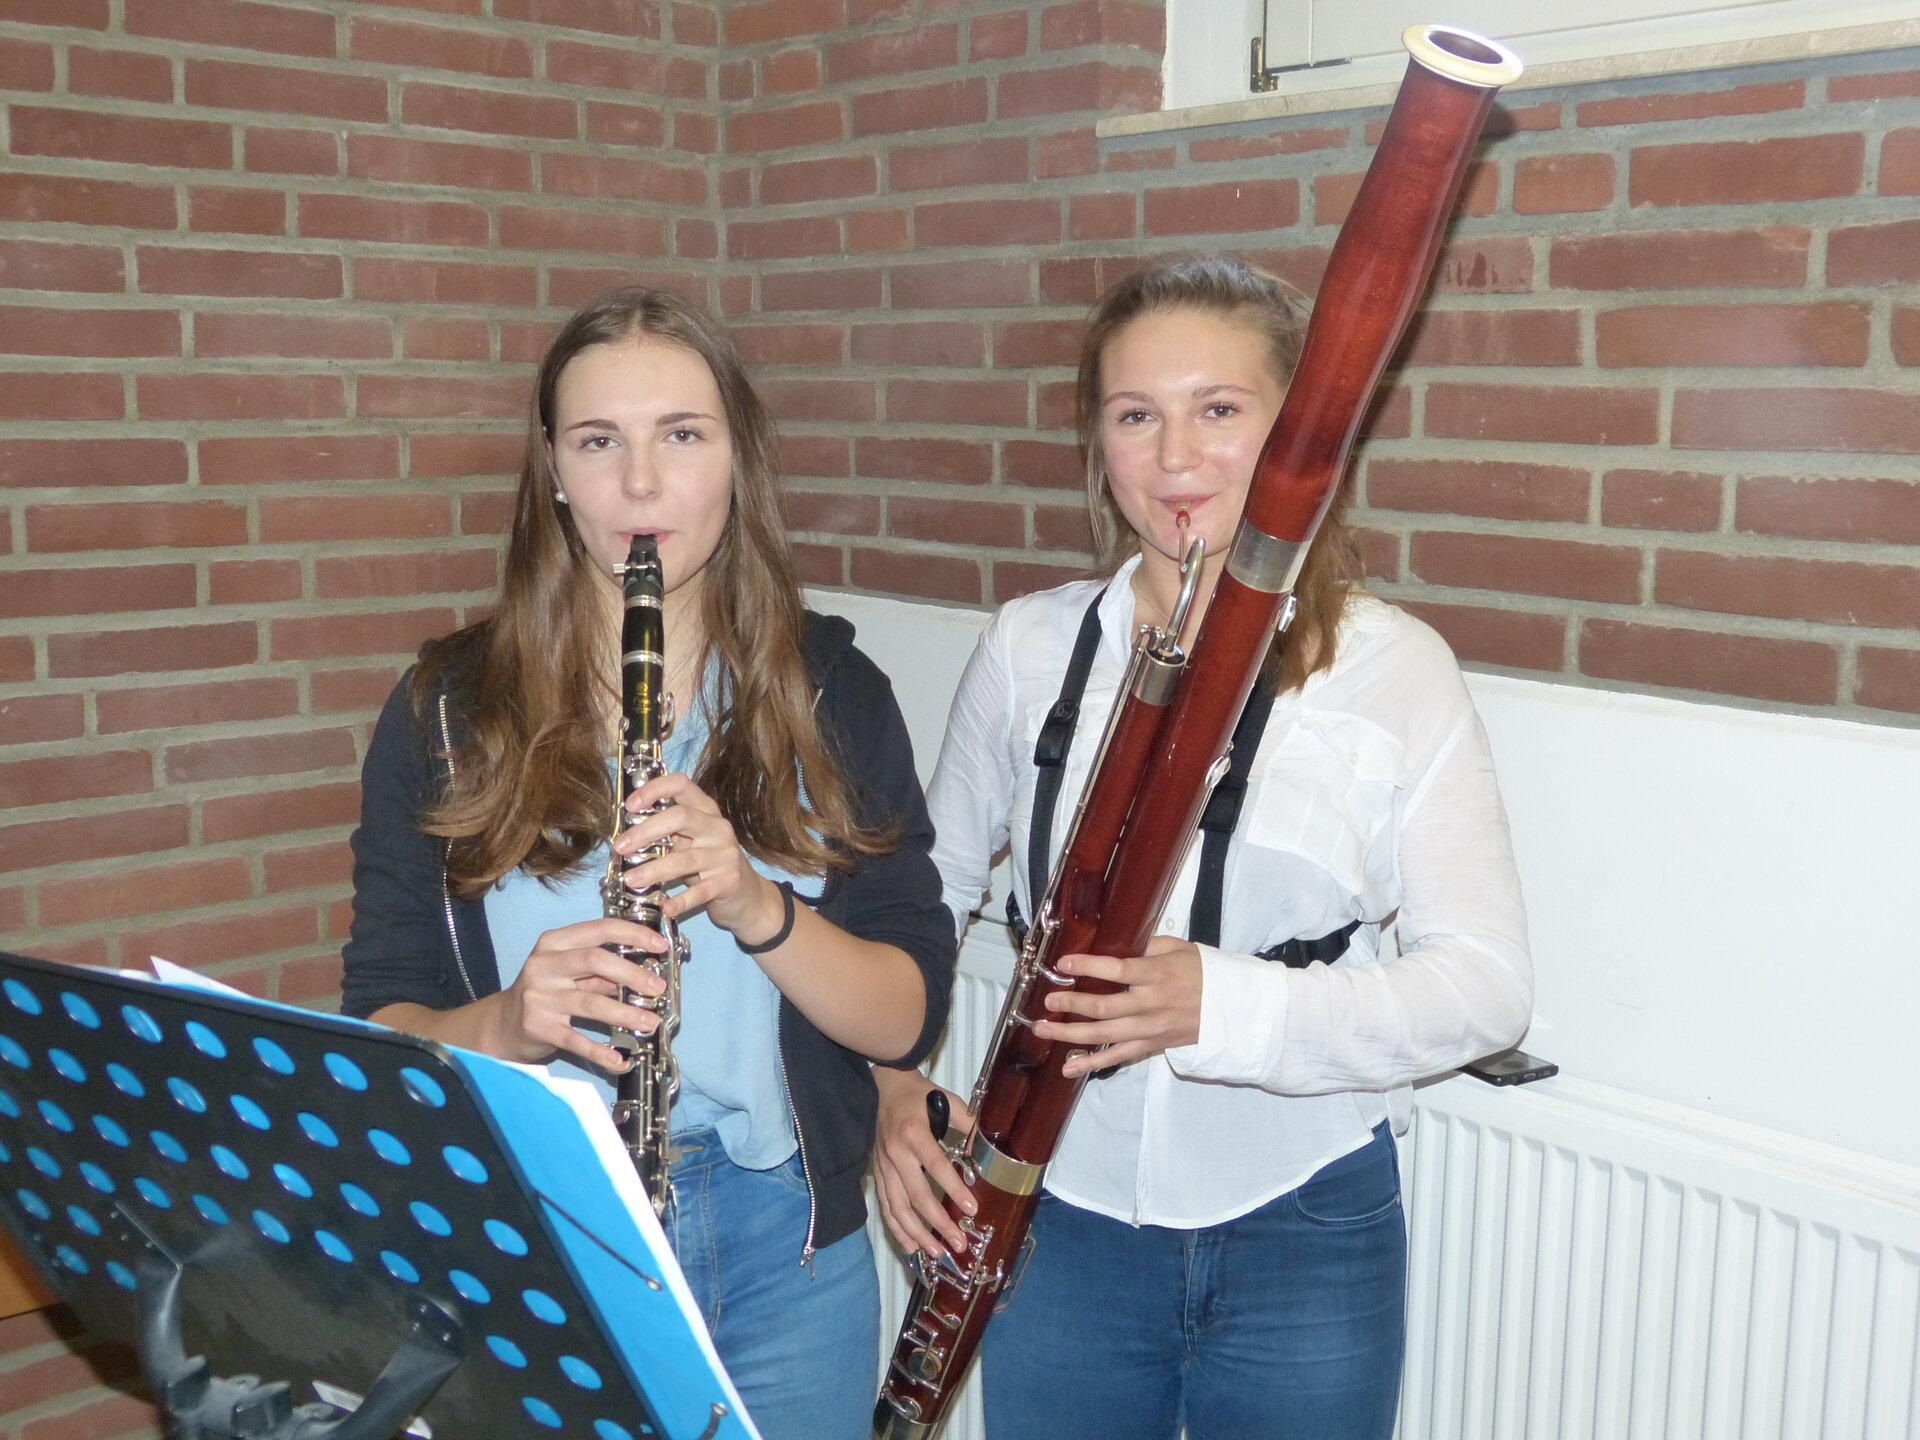 Marietta und Karla Meyering